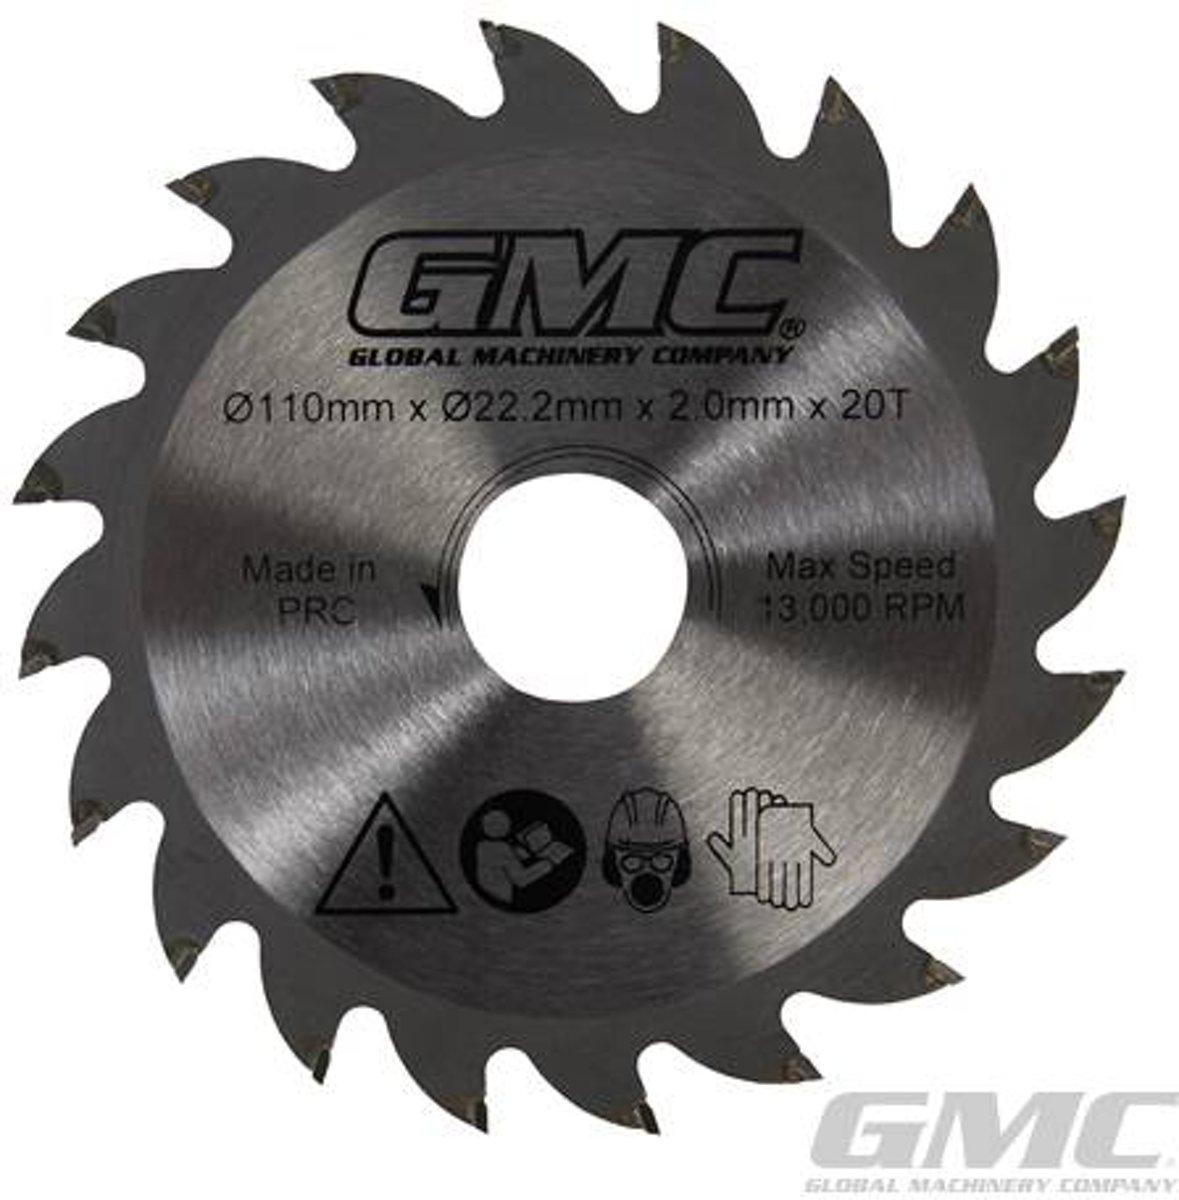 GMC GTS1500 TCT cirkelzaagblad Hardmetaal gepunt cirkelzaag,110 x 22,2 x 20 t